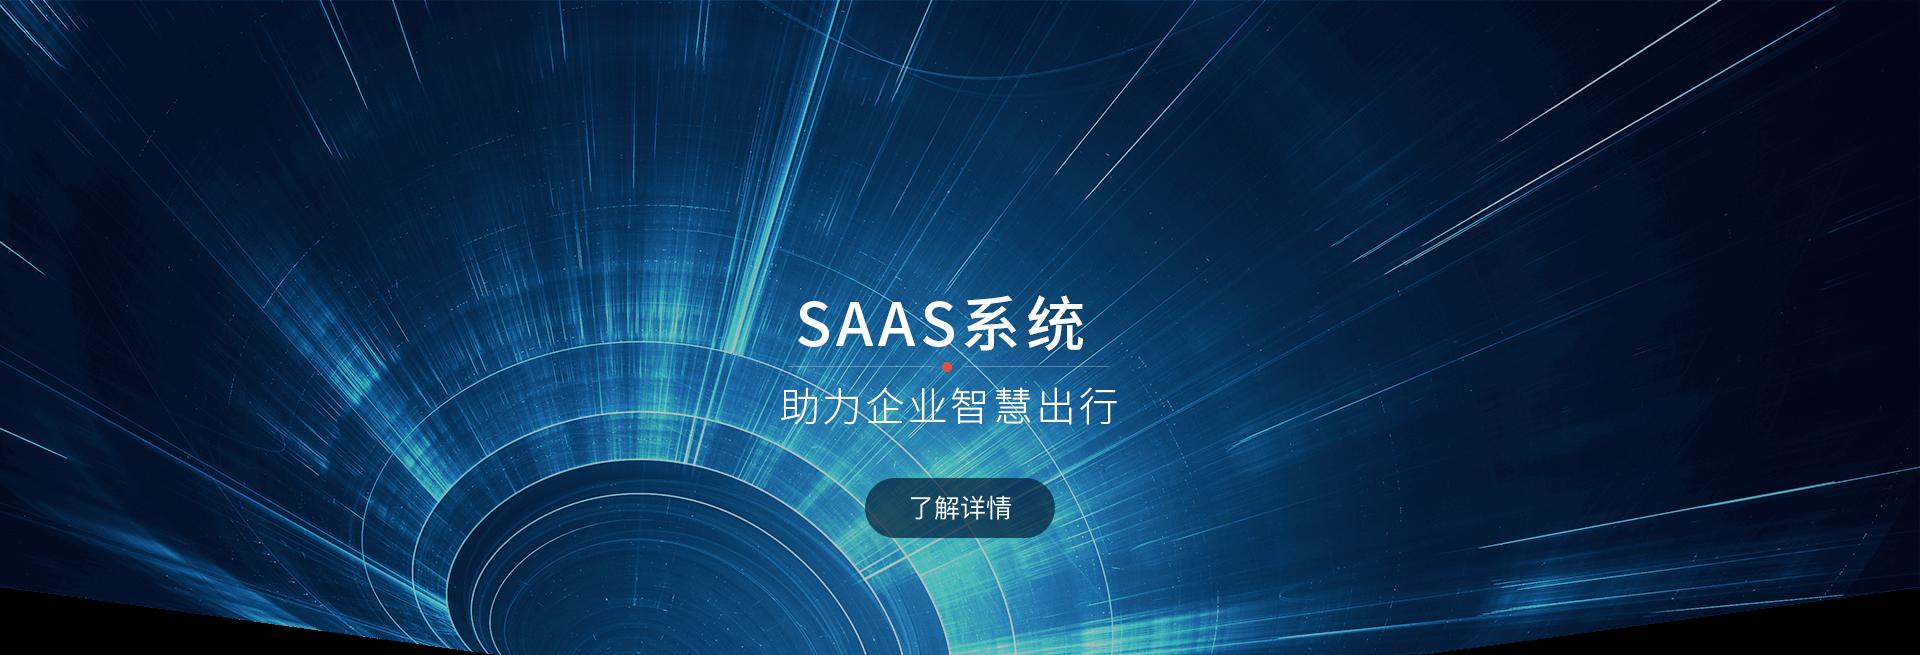 班车管理系统,SAAS系统